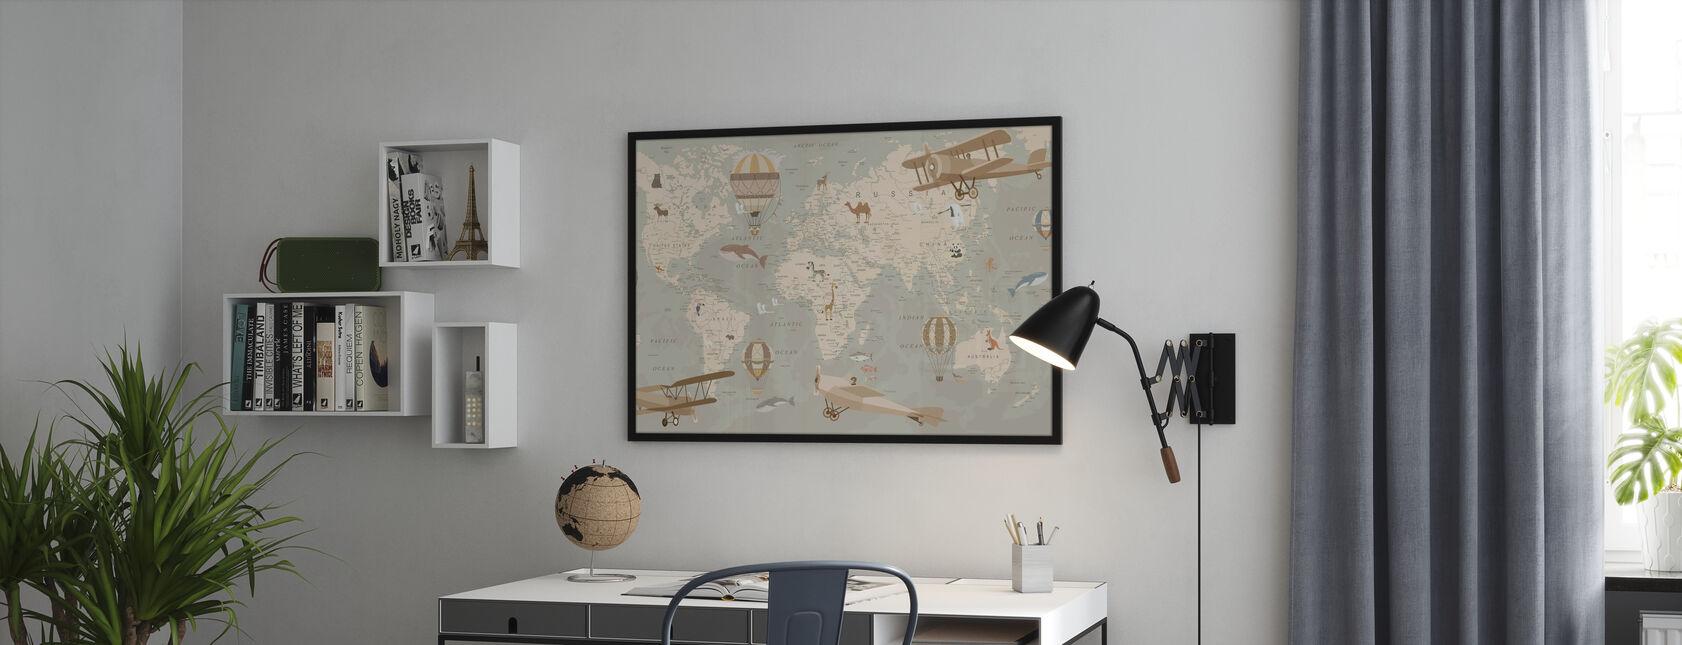 Mappa Explorer - Stampa incorniciata - Uffici